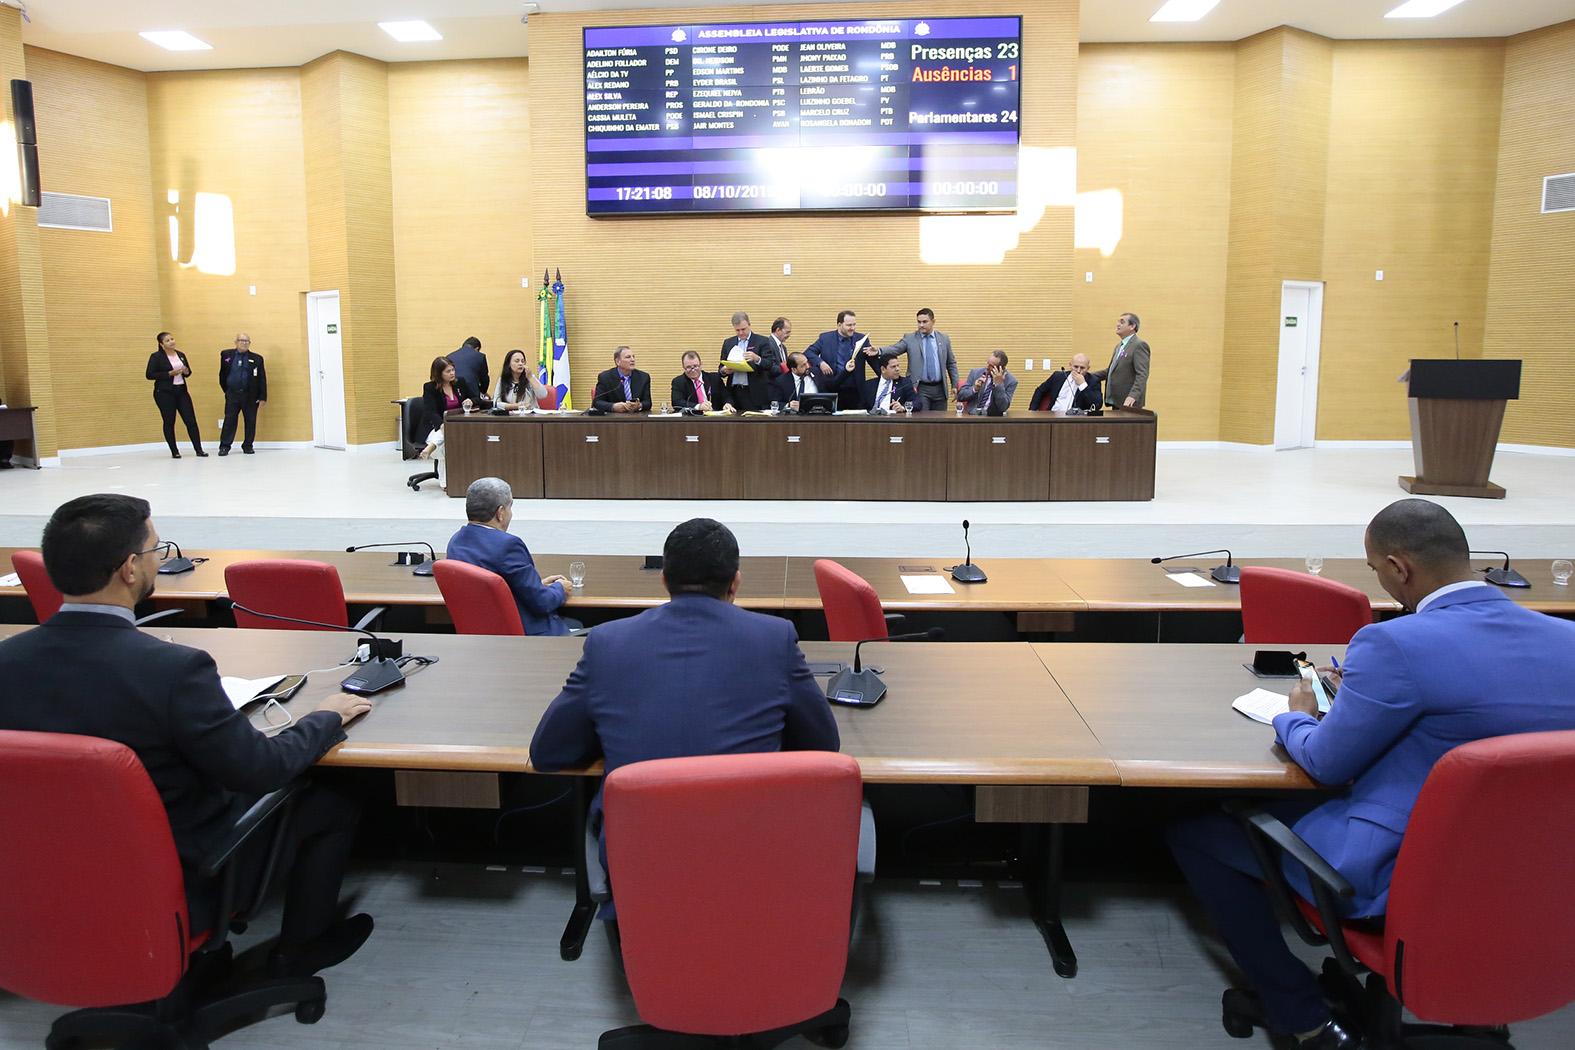 Matérias de iniciativa dos parlamentares são aprovadas na Assembleia Legislativa